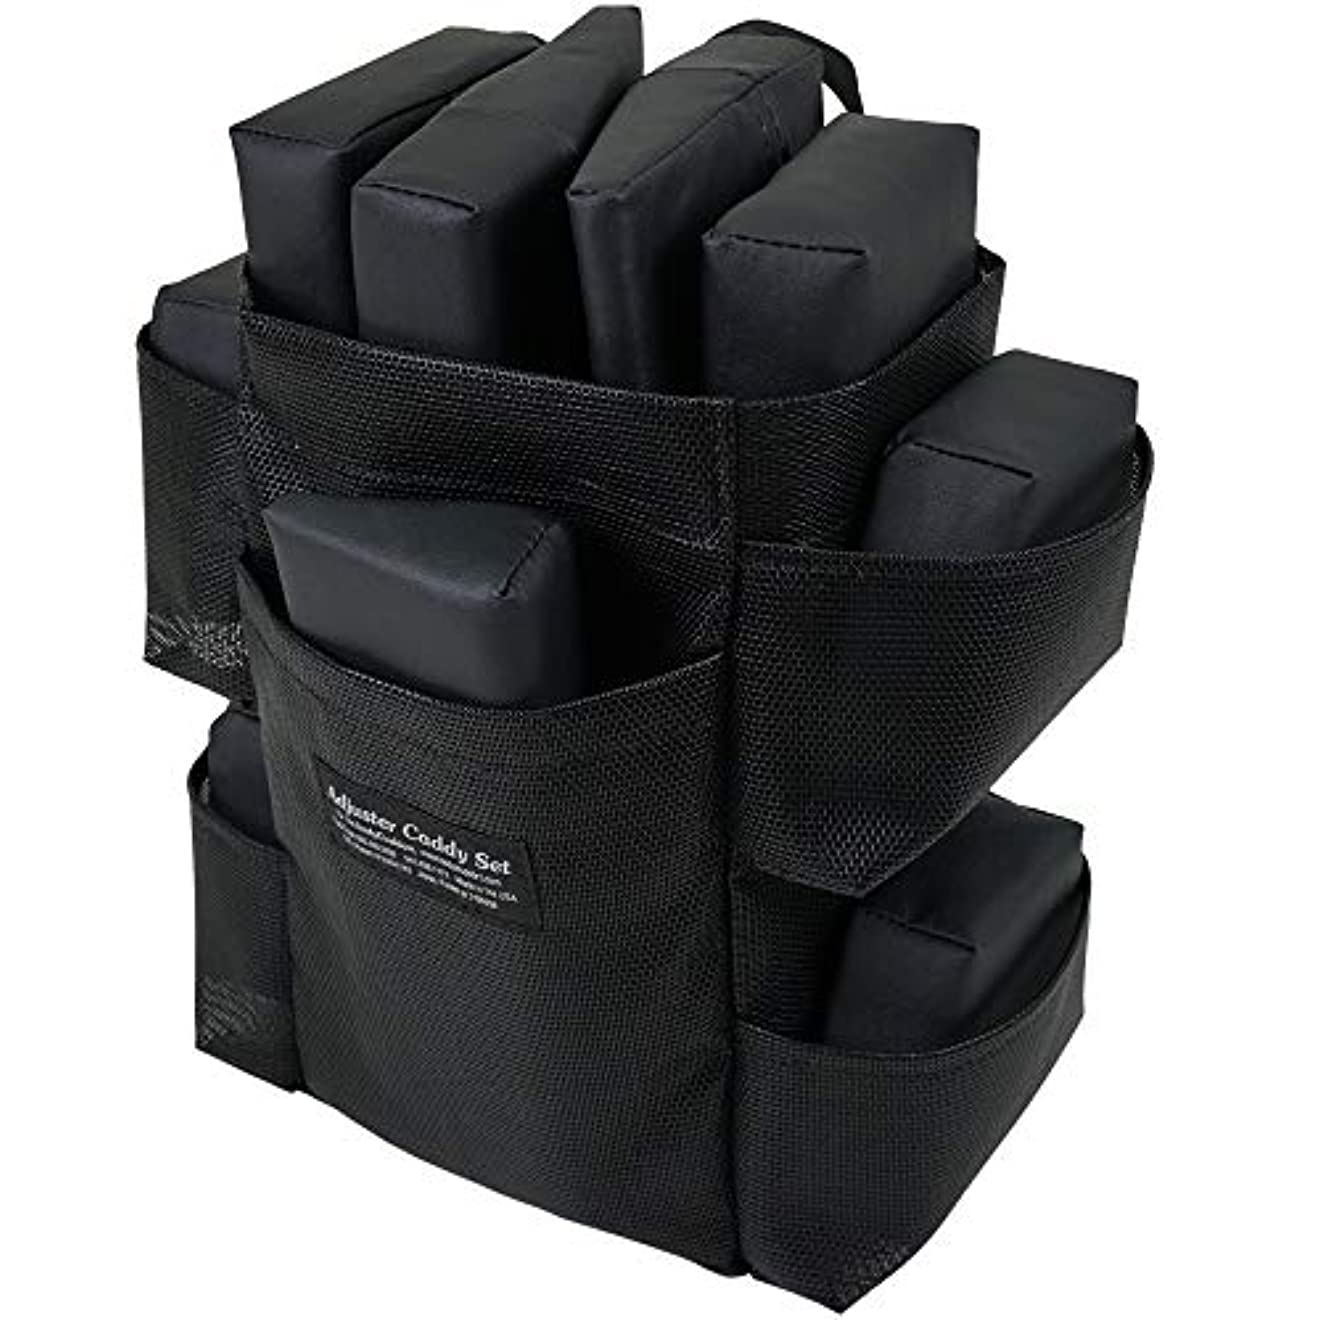 あらゆる種類のひどく突き出すピースバッグセット ボディークッション 用 の エクステンダーピース と アジャスターピース バッグ付き